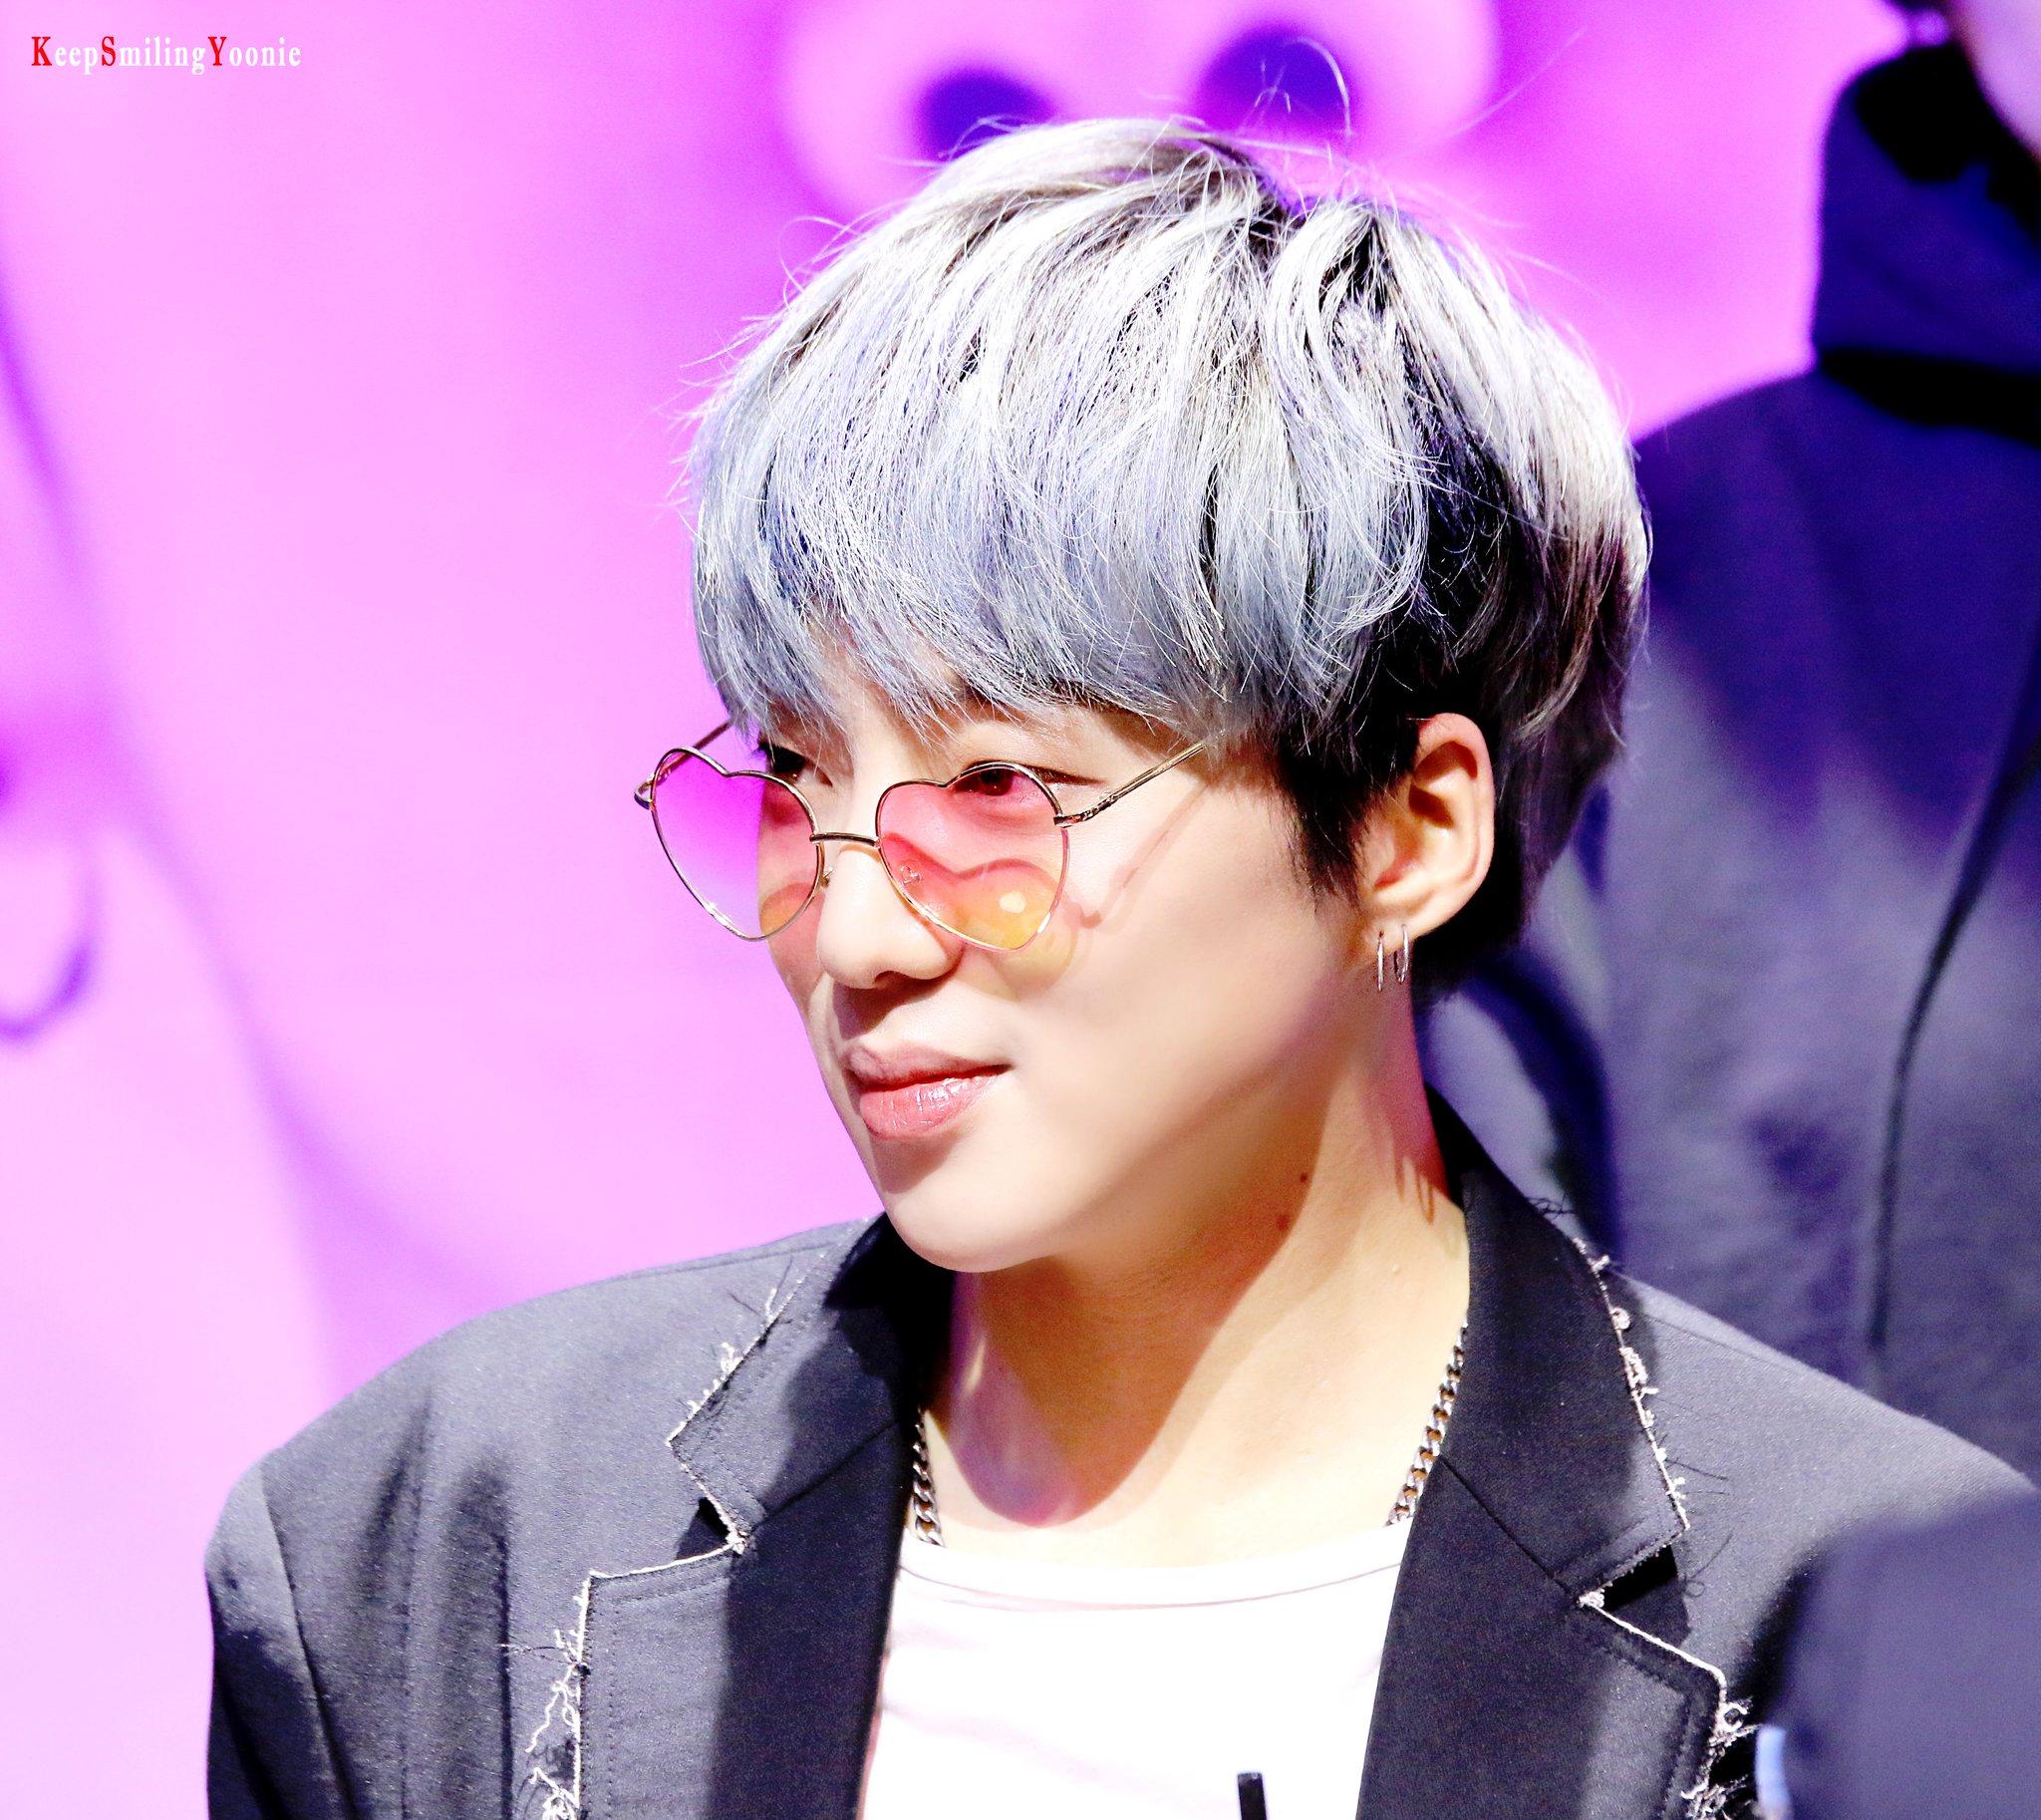 180413 ↓ワト→トネ→ᄊタ↓ツᄚ■フᆲ↓ヒᄌ   ↓ハᄍ↓ワᅠ→ヒネ↓ンリ ■フᆲ↓ツᆲ→゙ム ↑ᄚタ→モン■ユワ →ヤᄚ↓ハᄂ■ユワ →ネネ→ᄍロ↓ラミ ↓ヒᆲ↓ᄉ...  #↑ᄚユ↓ハᄍ↓ワᄂ #↓ワト→トネ #winner #ksy #kangseungyoon #seungyoon https://t.co/avuOlAbofF